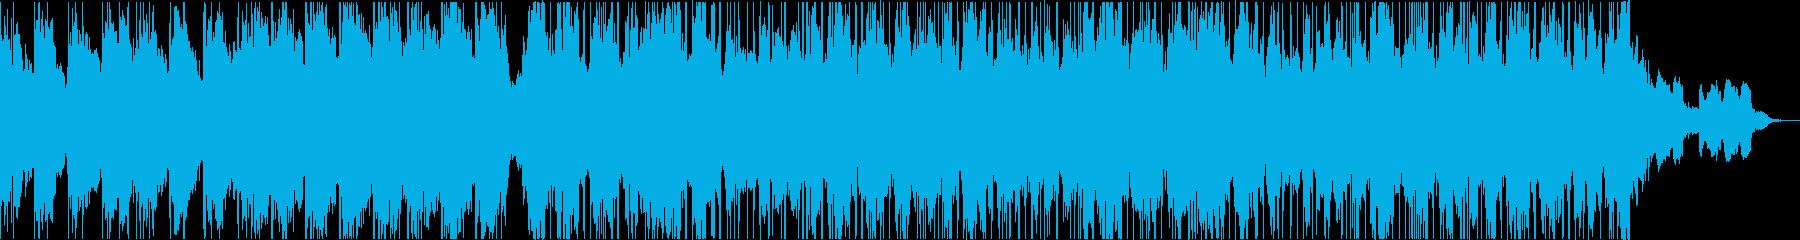 お洒落/落ち着いた雰囲気/Lo-Fiの再生済みの波形